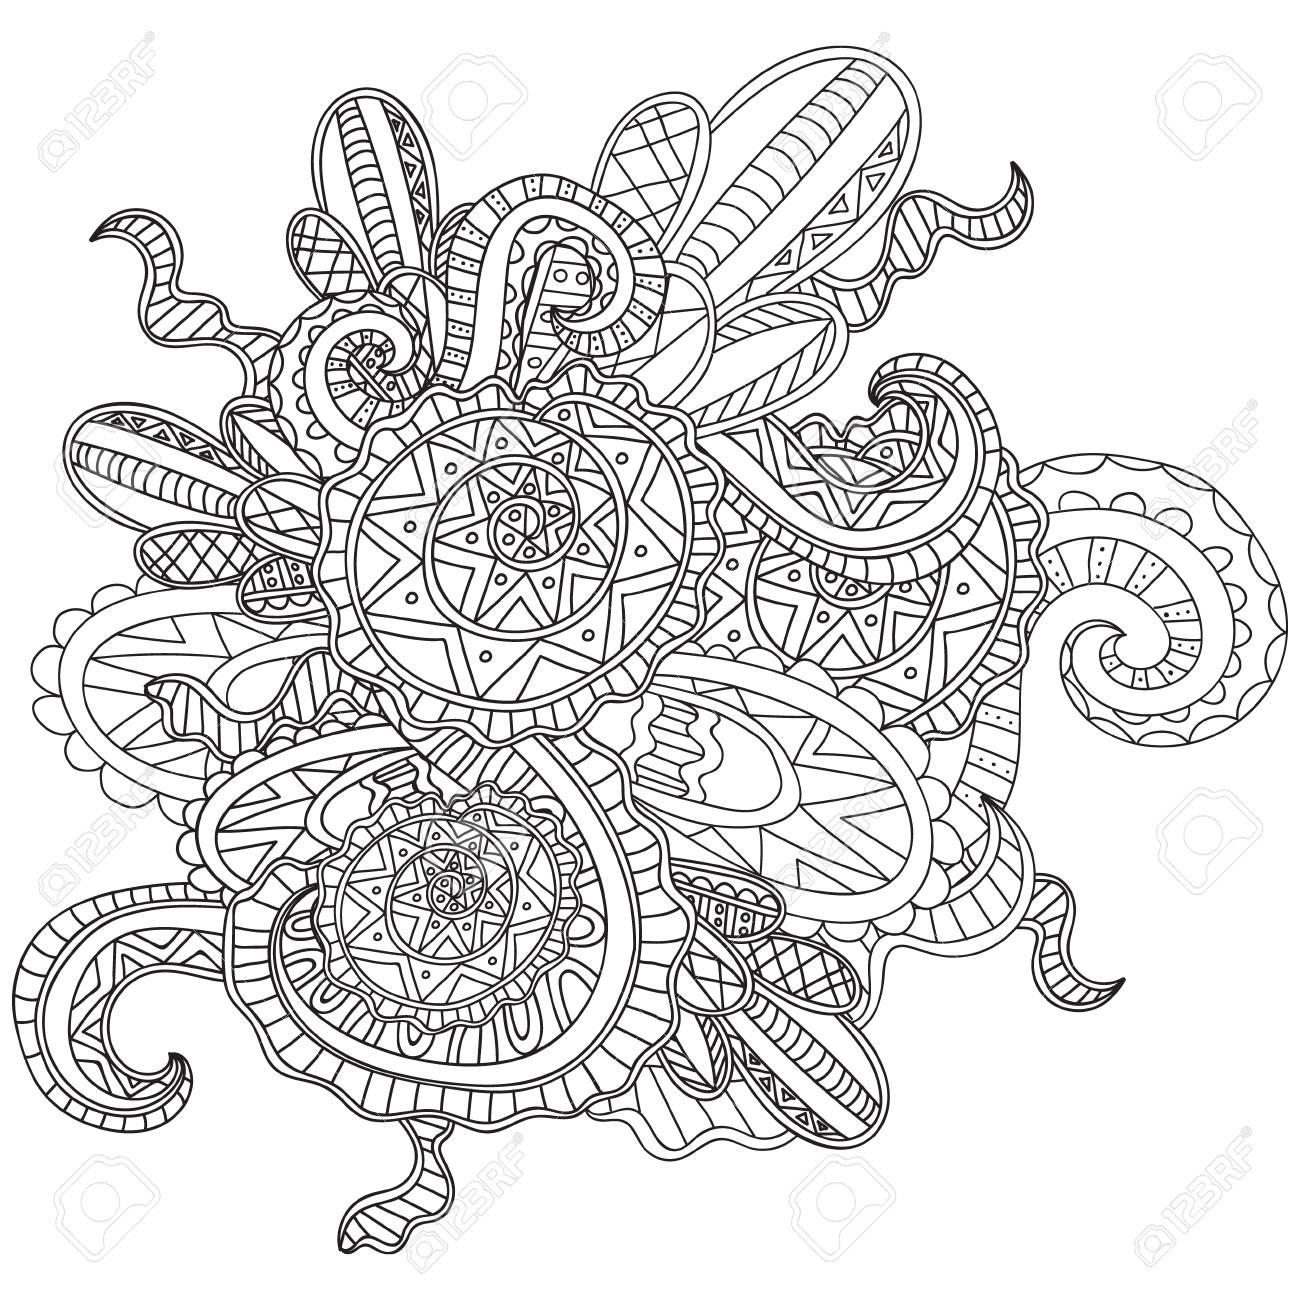 Coloriages Pour Adultes Livre De Coloriage Dessines A La Main Doodle Nature Curl Ornementale Vecteur Modele Fragmentaire Clip Art Libres De Droits Vecteurs Et Illustration Image 54695194